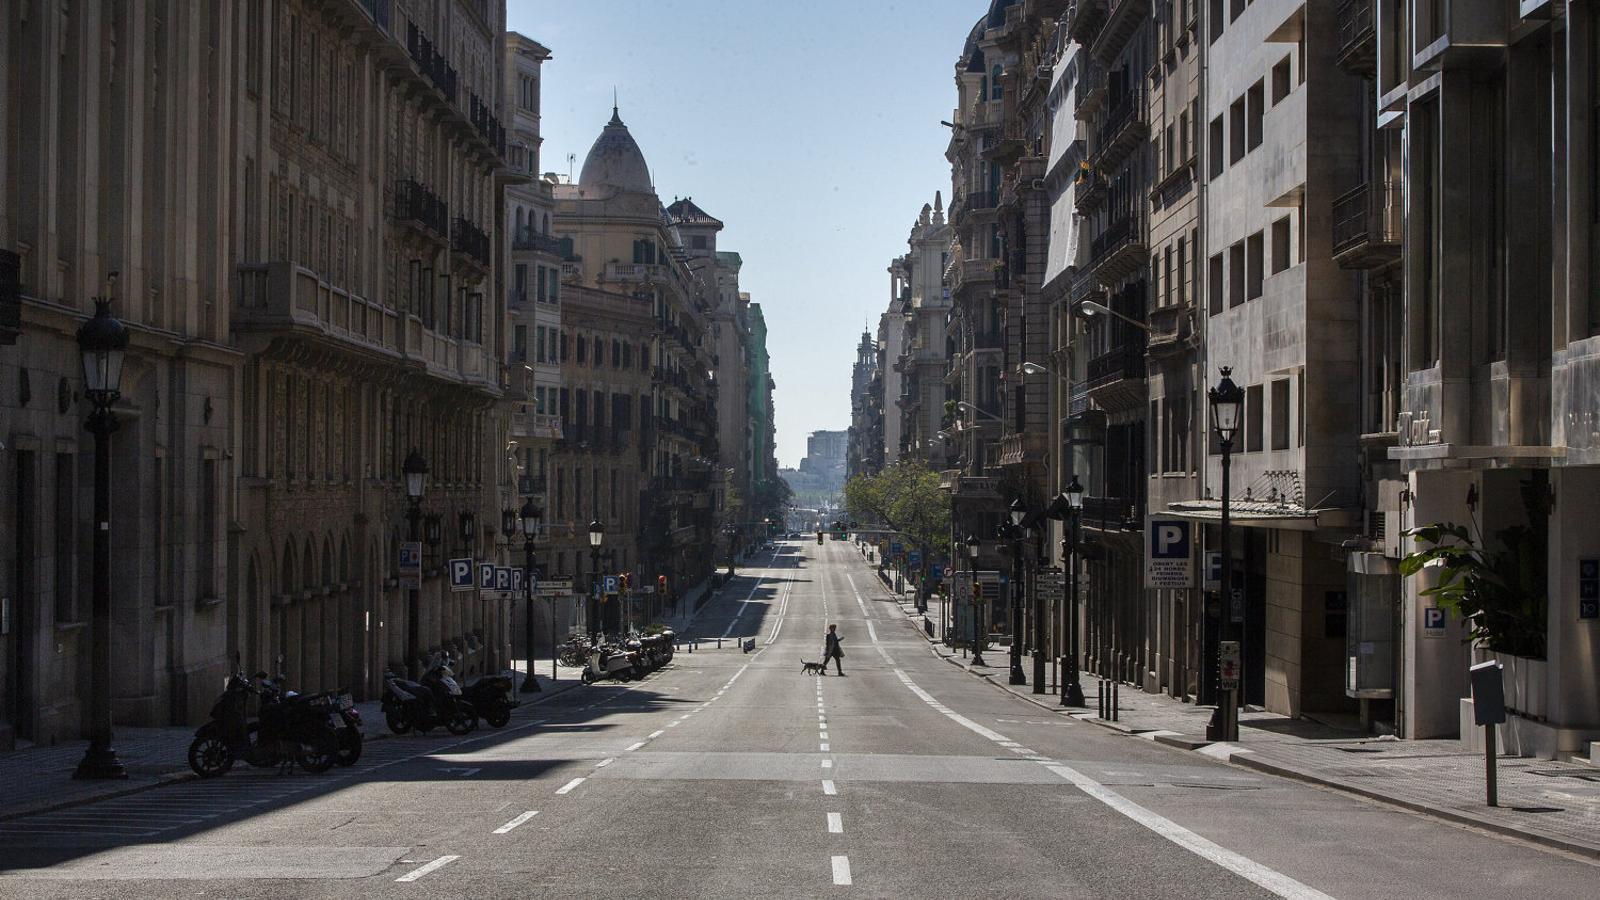 La Via Laietana de Barcelona, deserta durant la pandèmia.